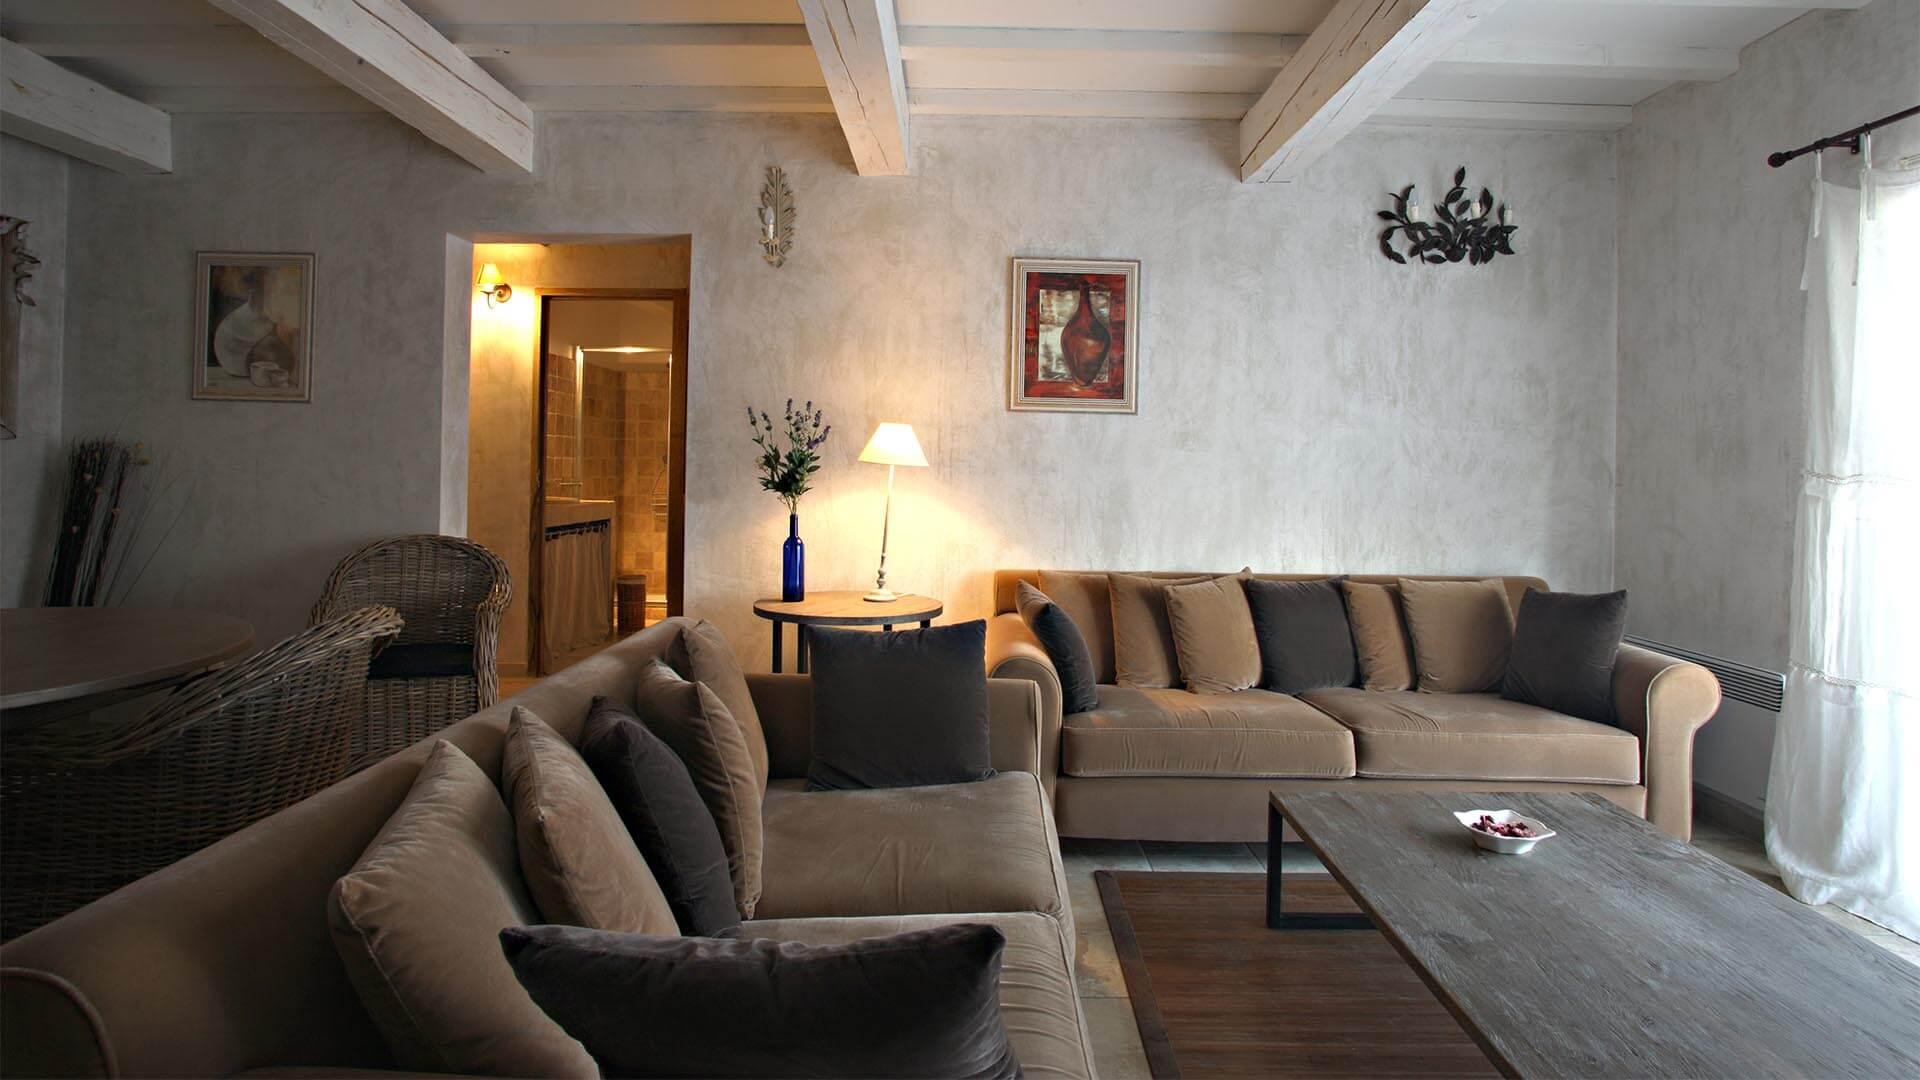 Location saisonnière T3 04 | Villa mon rêve | Salon climatisé